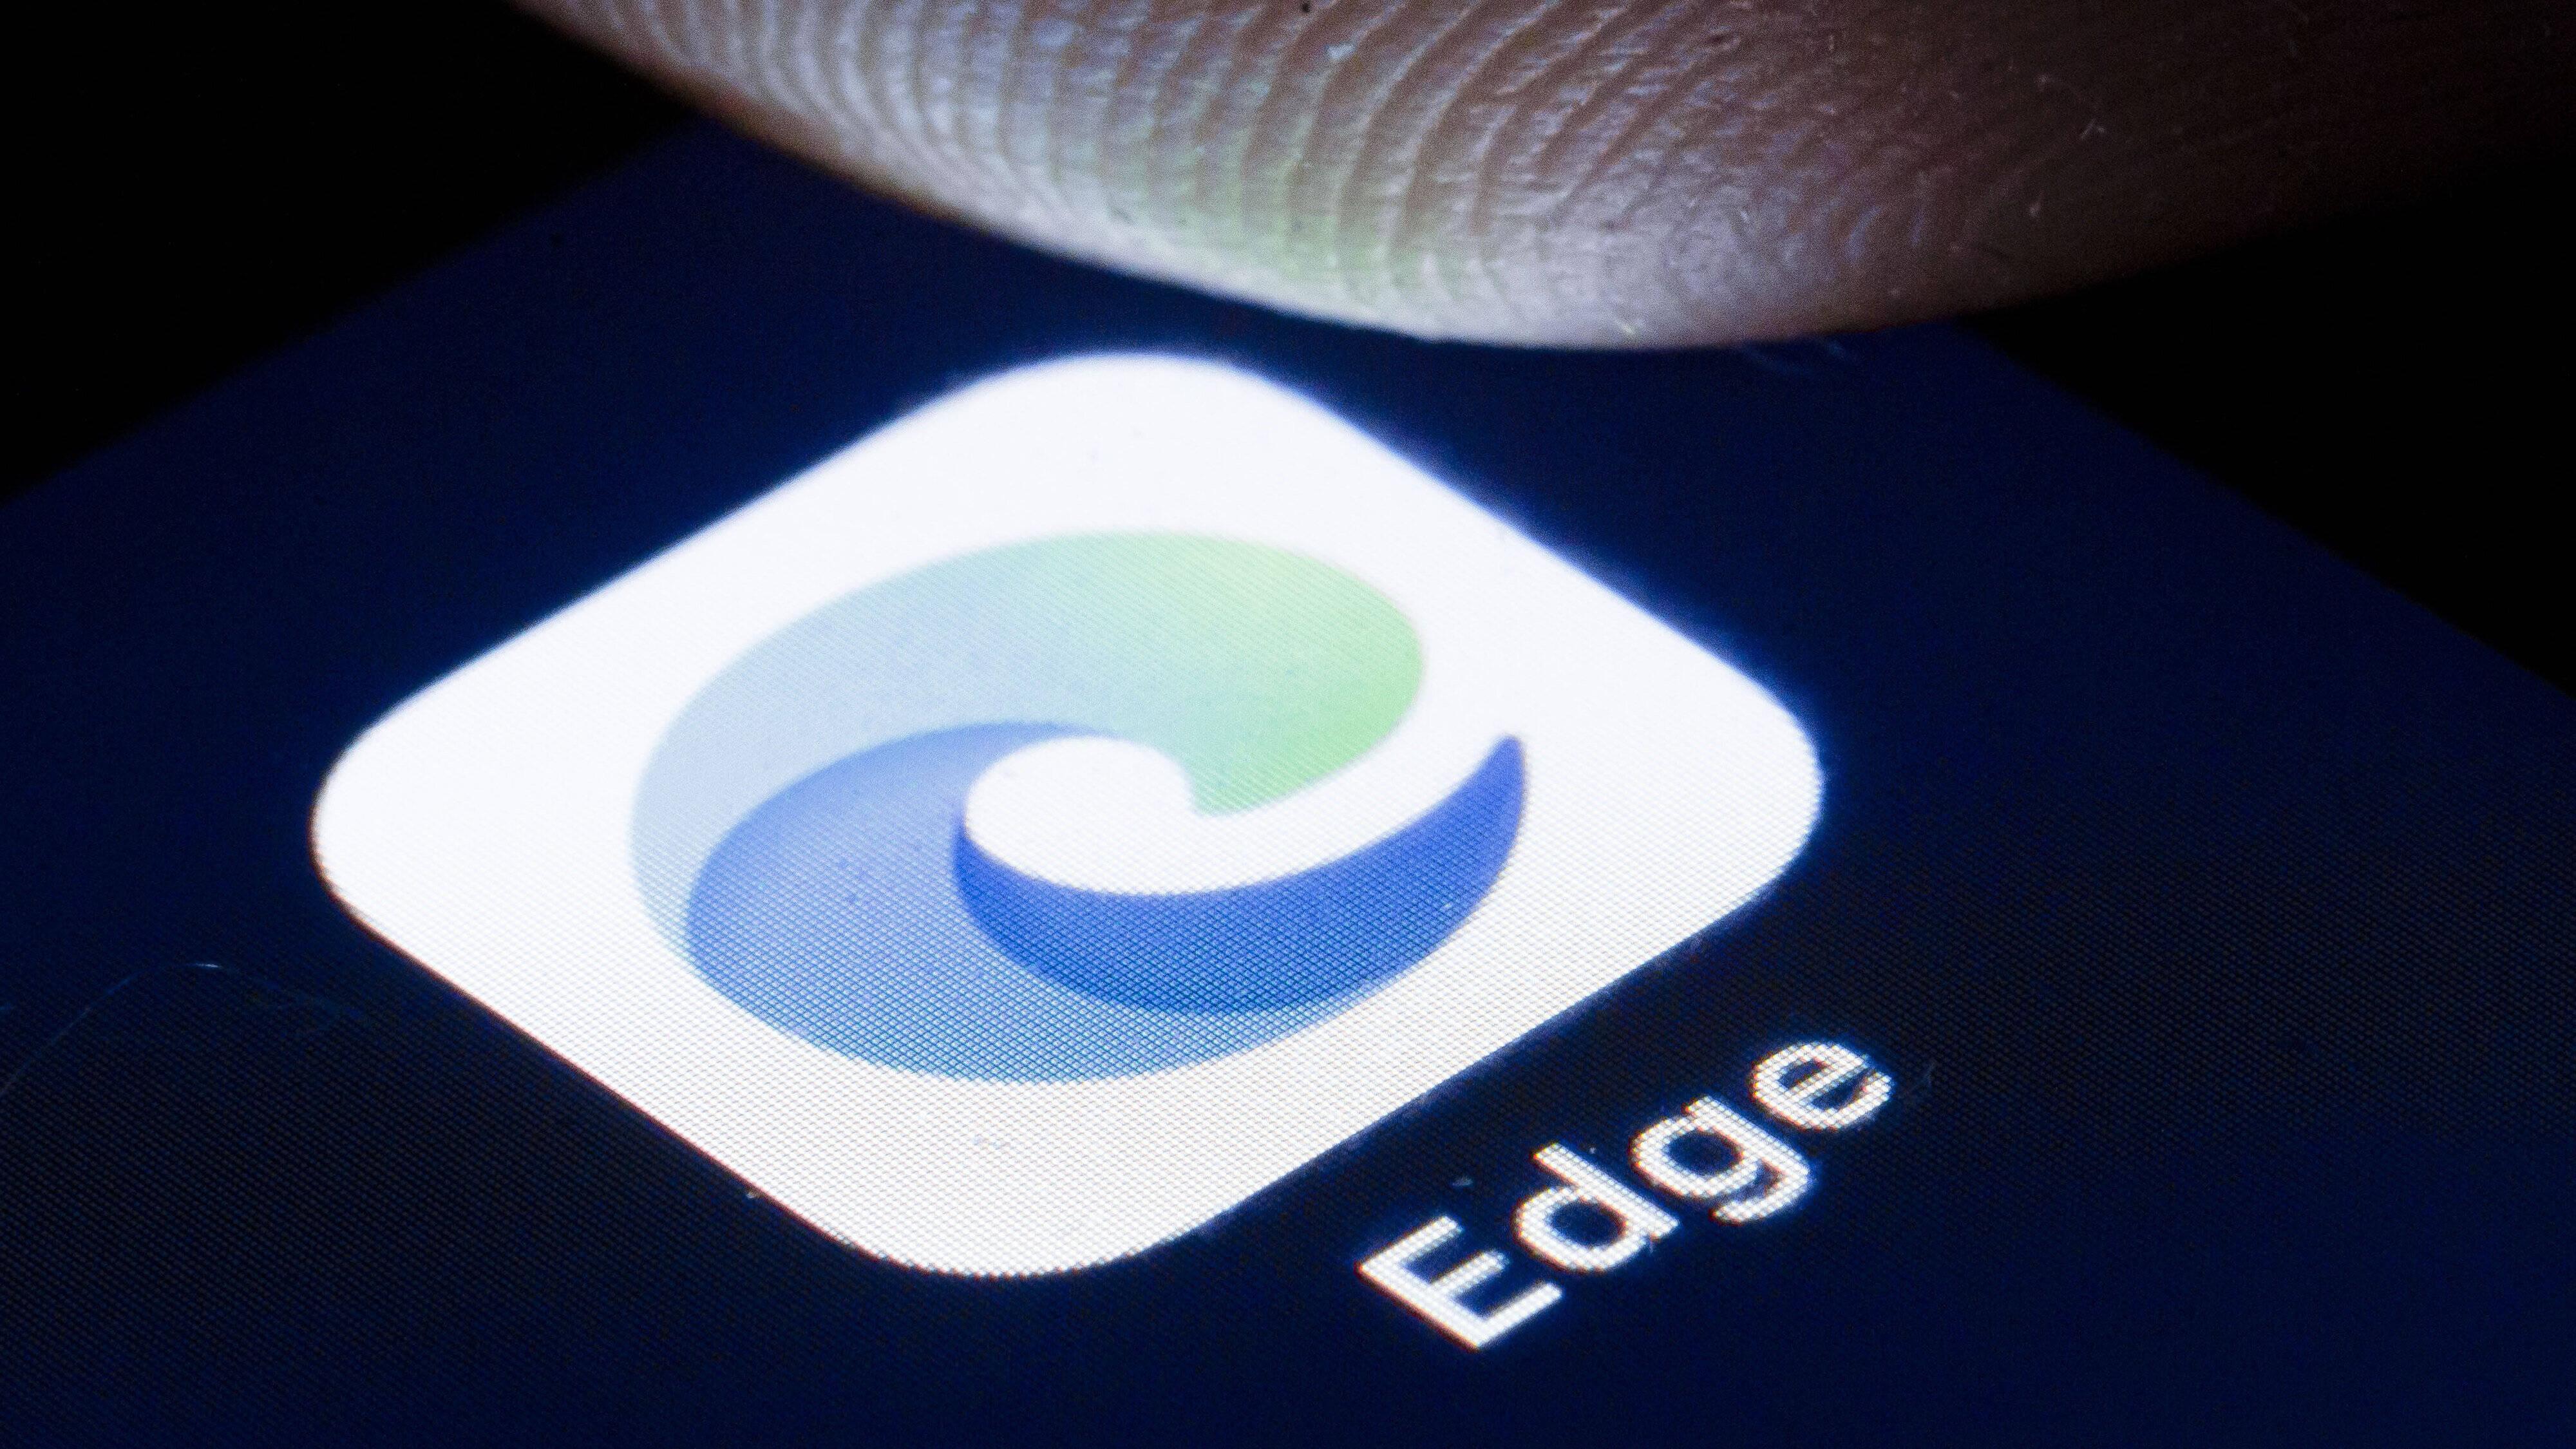 Microsoft Edge: Google statt Bing als Suchmaschine verwenden